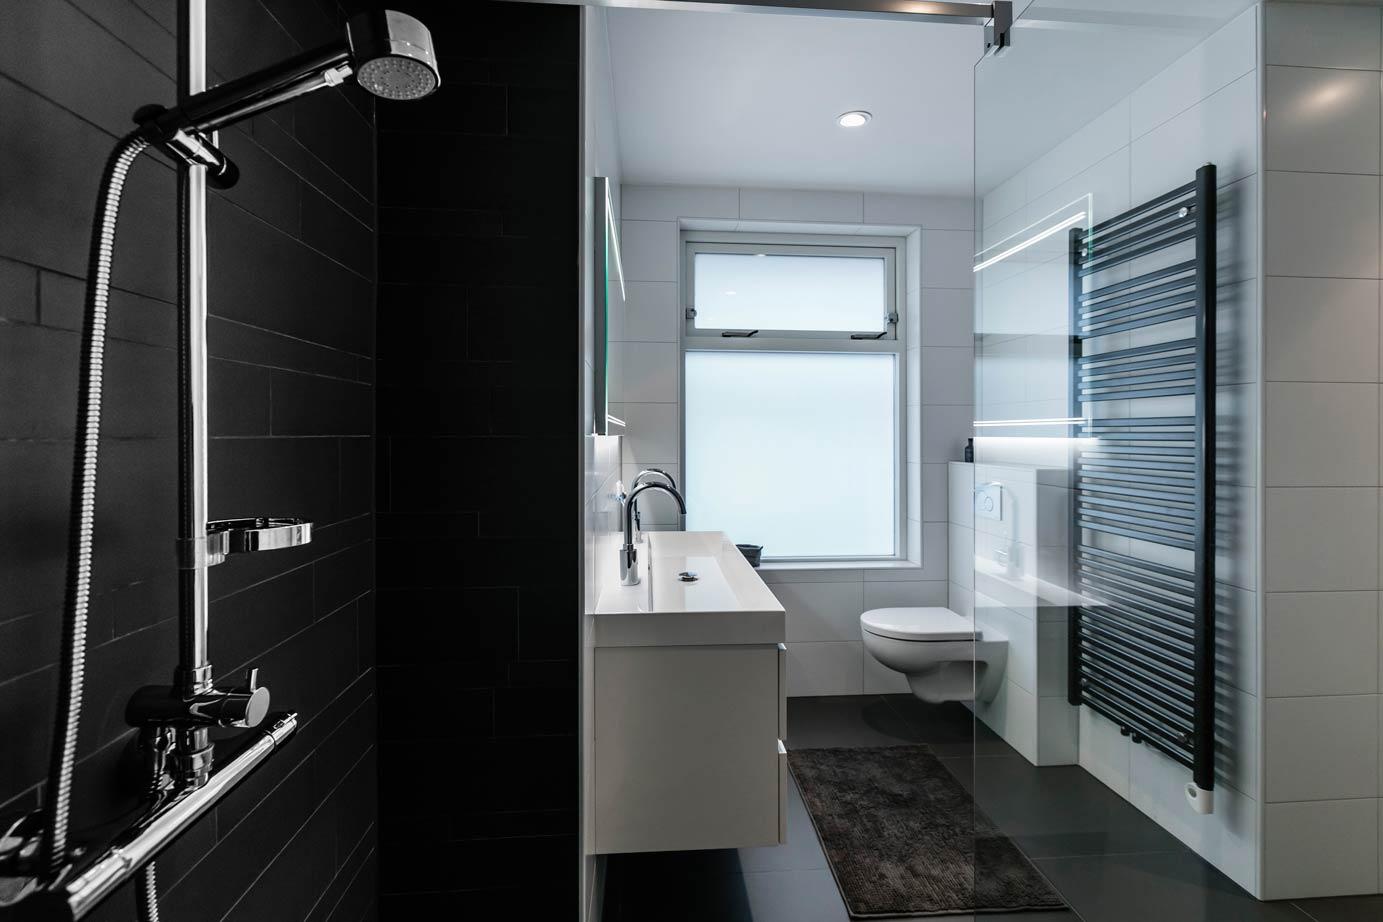 moderne badkamer uitzoeken lees deze klantervaring arma